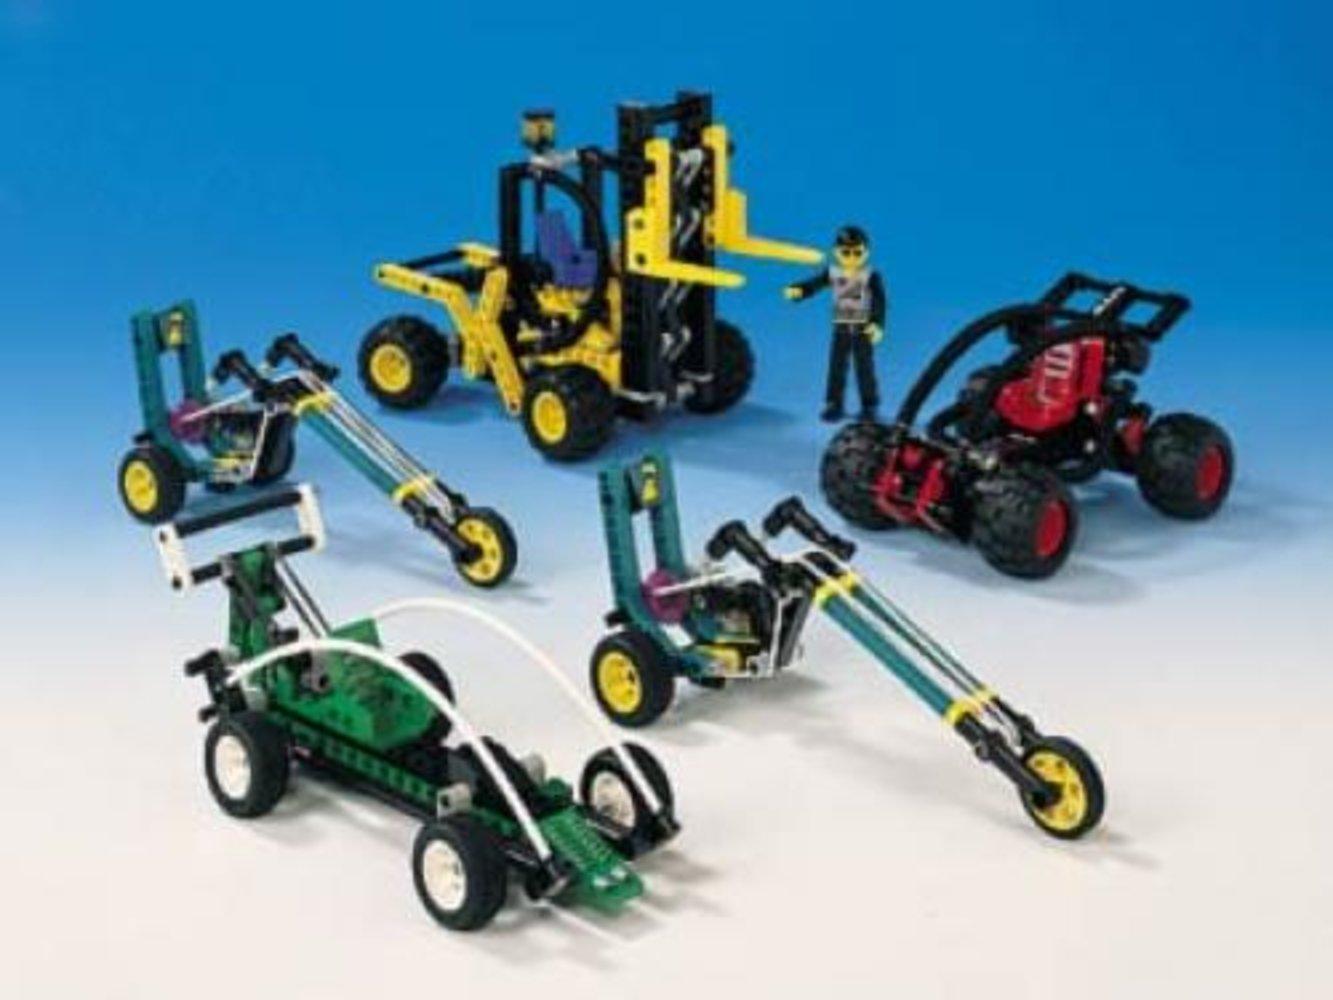 Lego Technic Racers